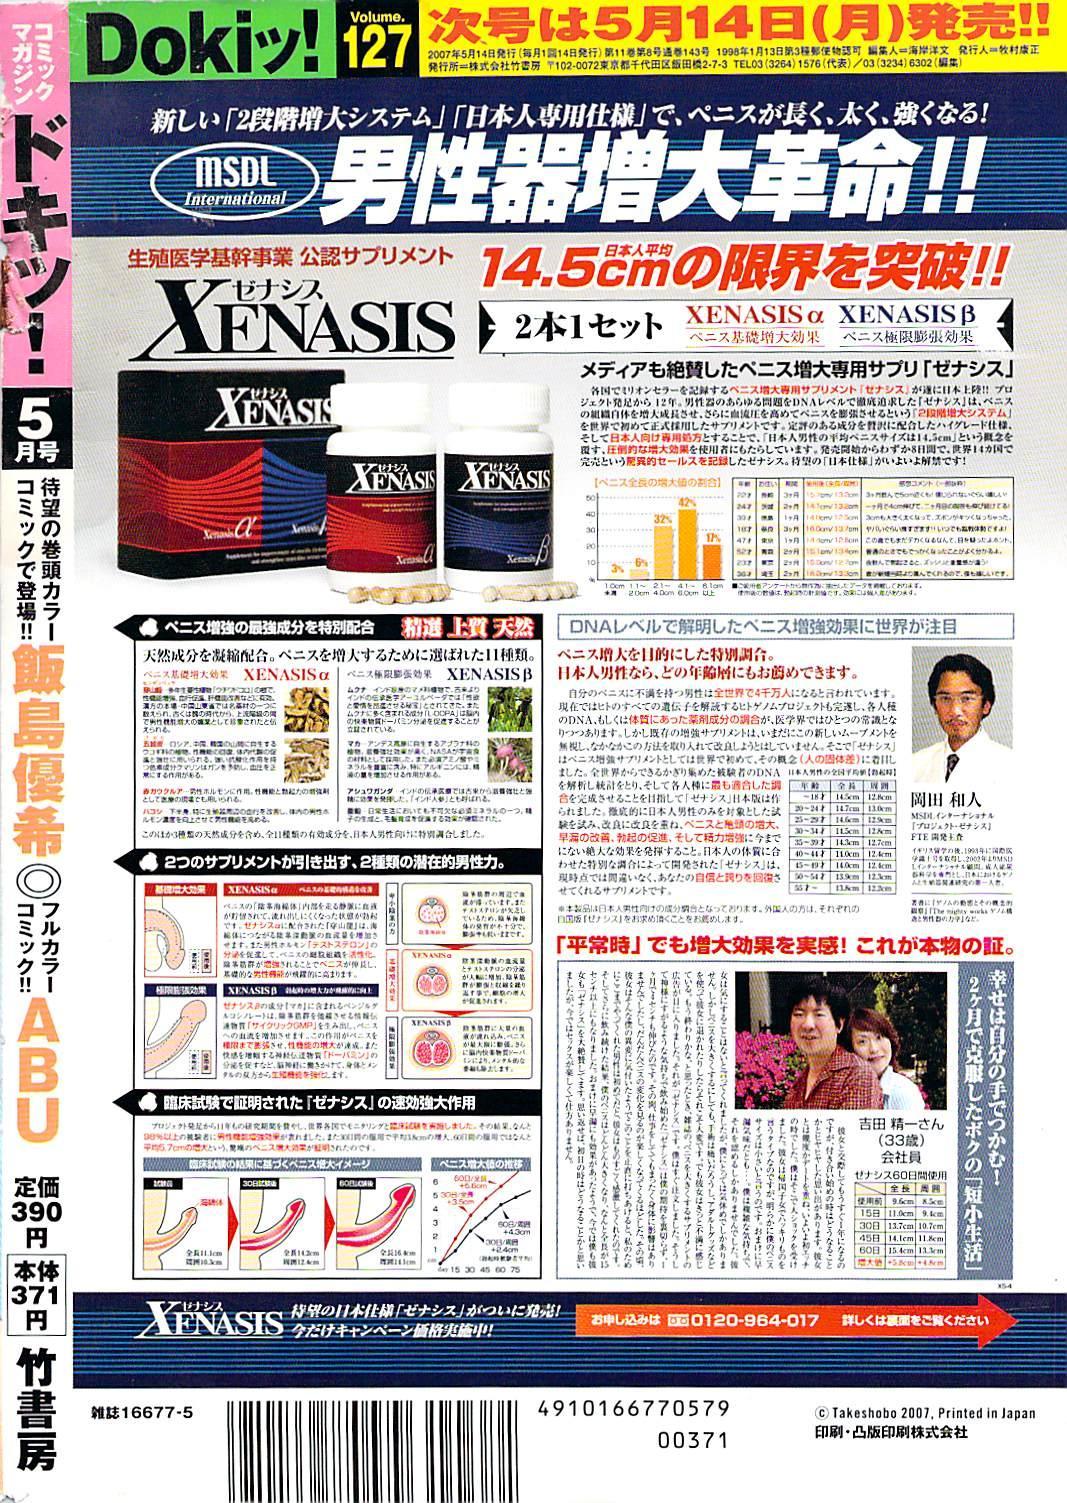 Gekkan Doki!! 2007-05 Vol. 127 282